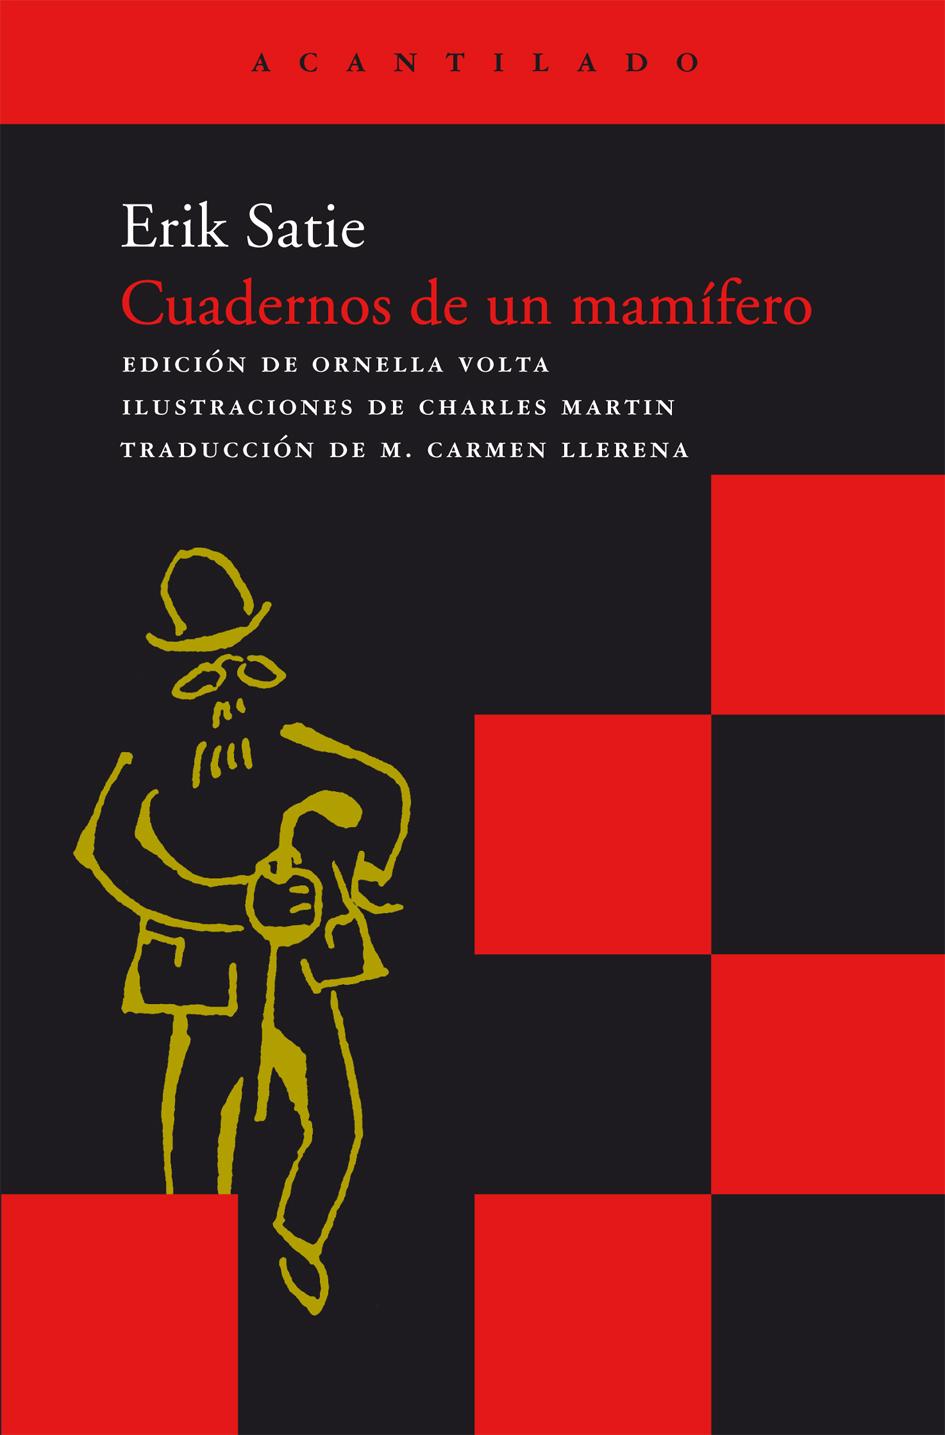 Cuadernos de un mamífero Erik Satie pdf